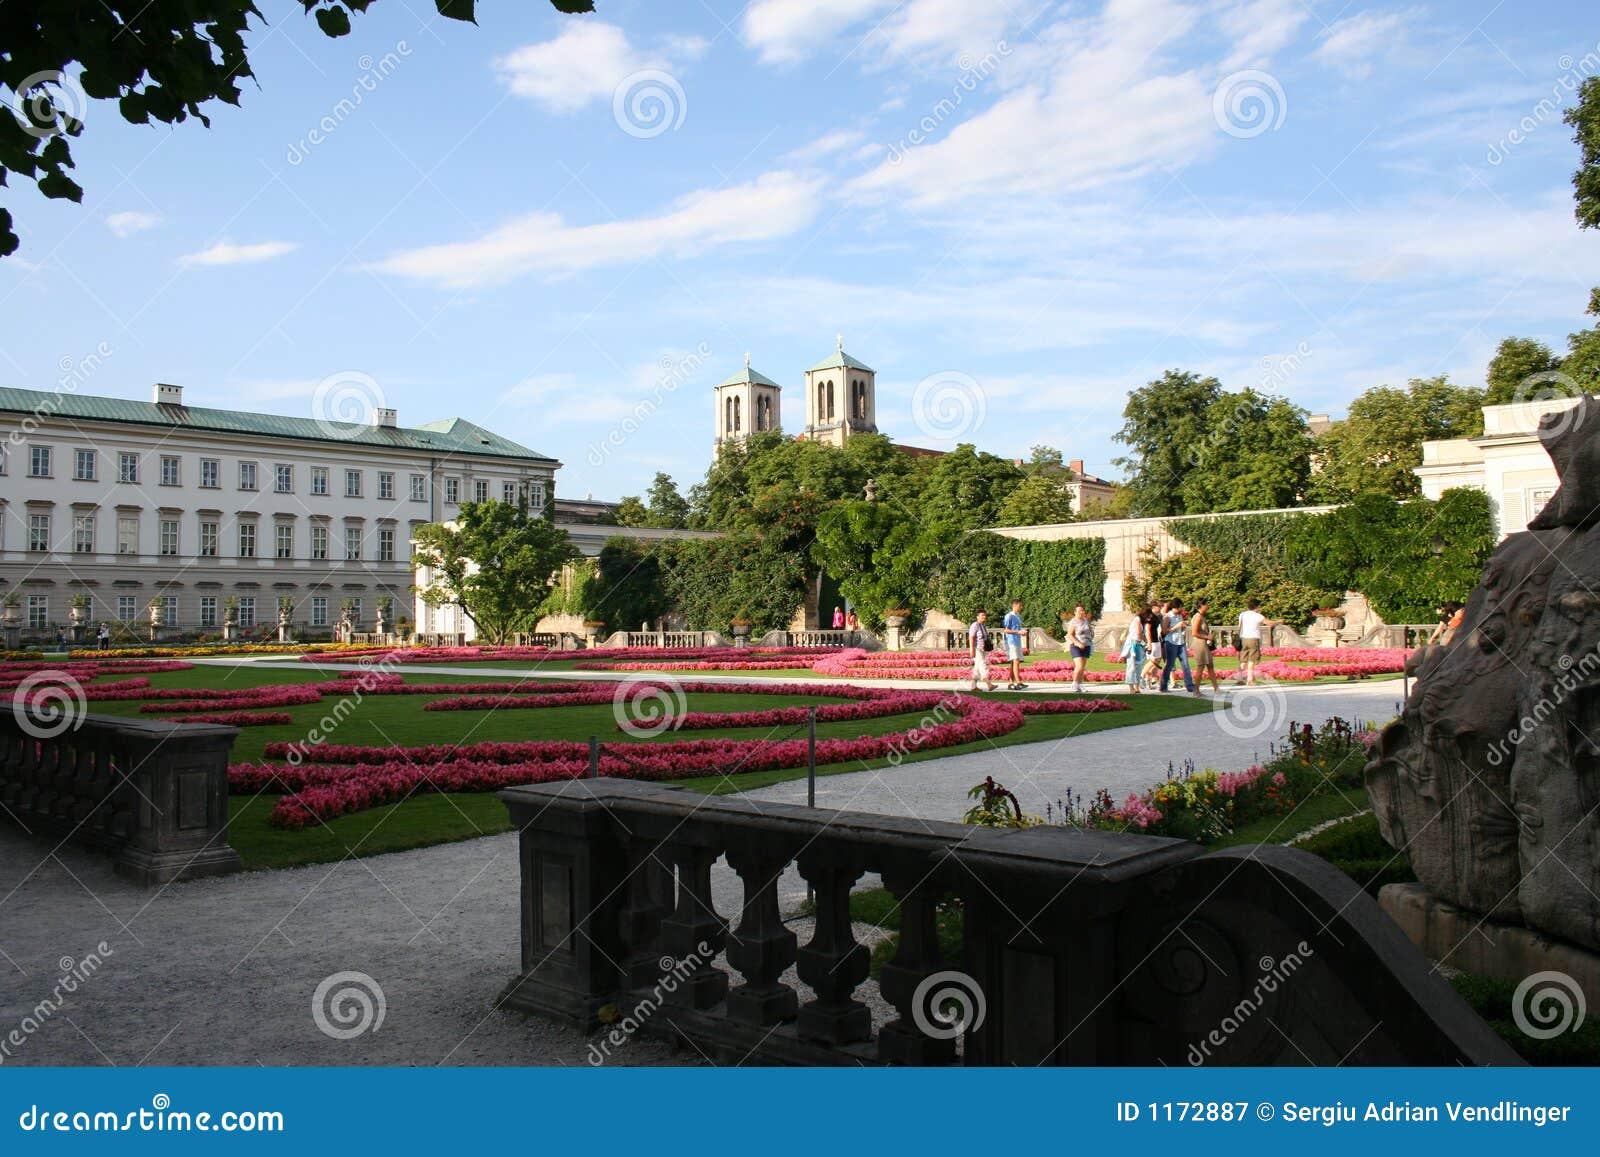 Salzbourg - jardin de mirabelle